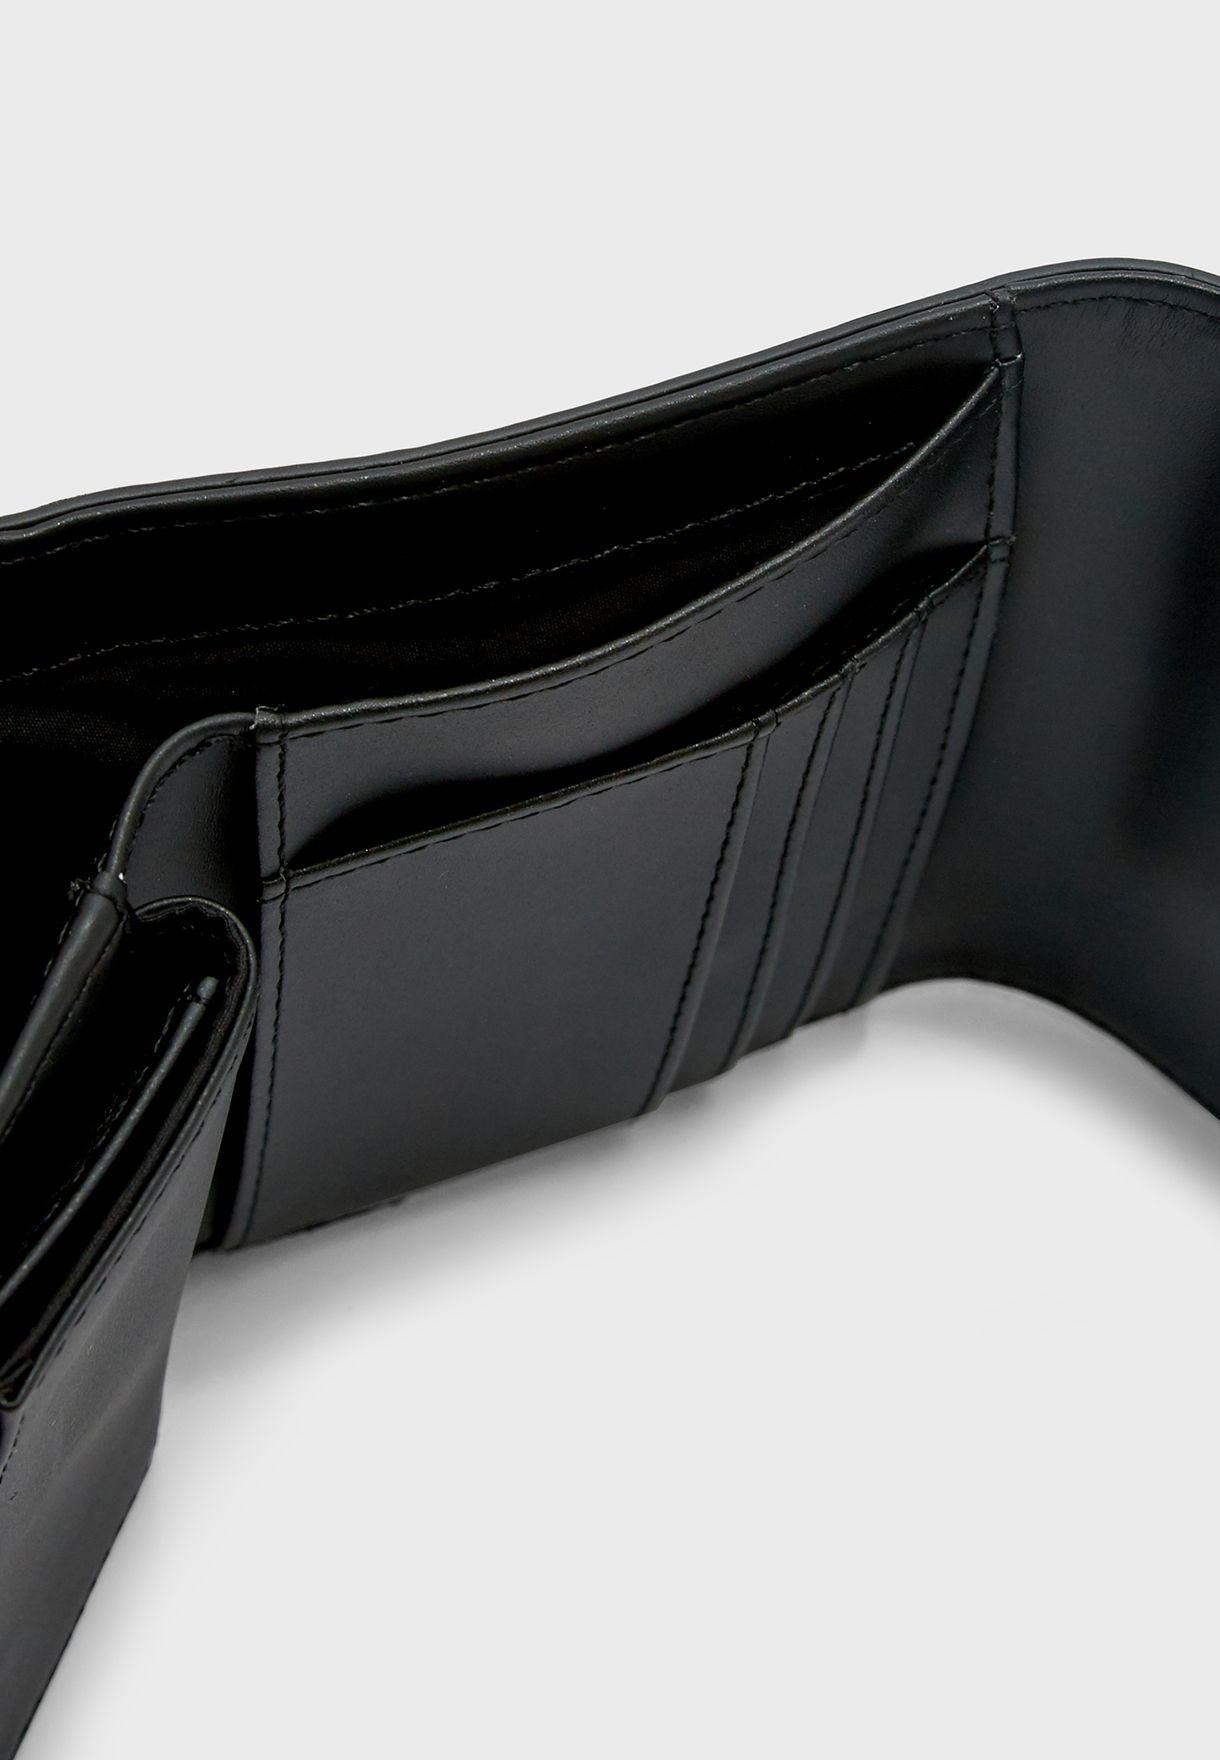 حقيبة نسائية مطوية متوسطة الحجم